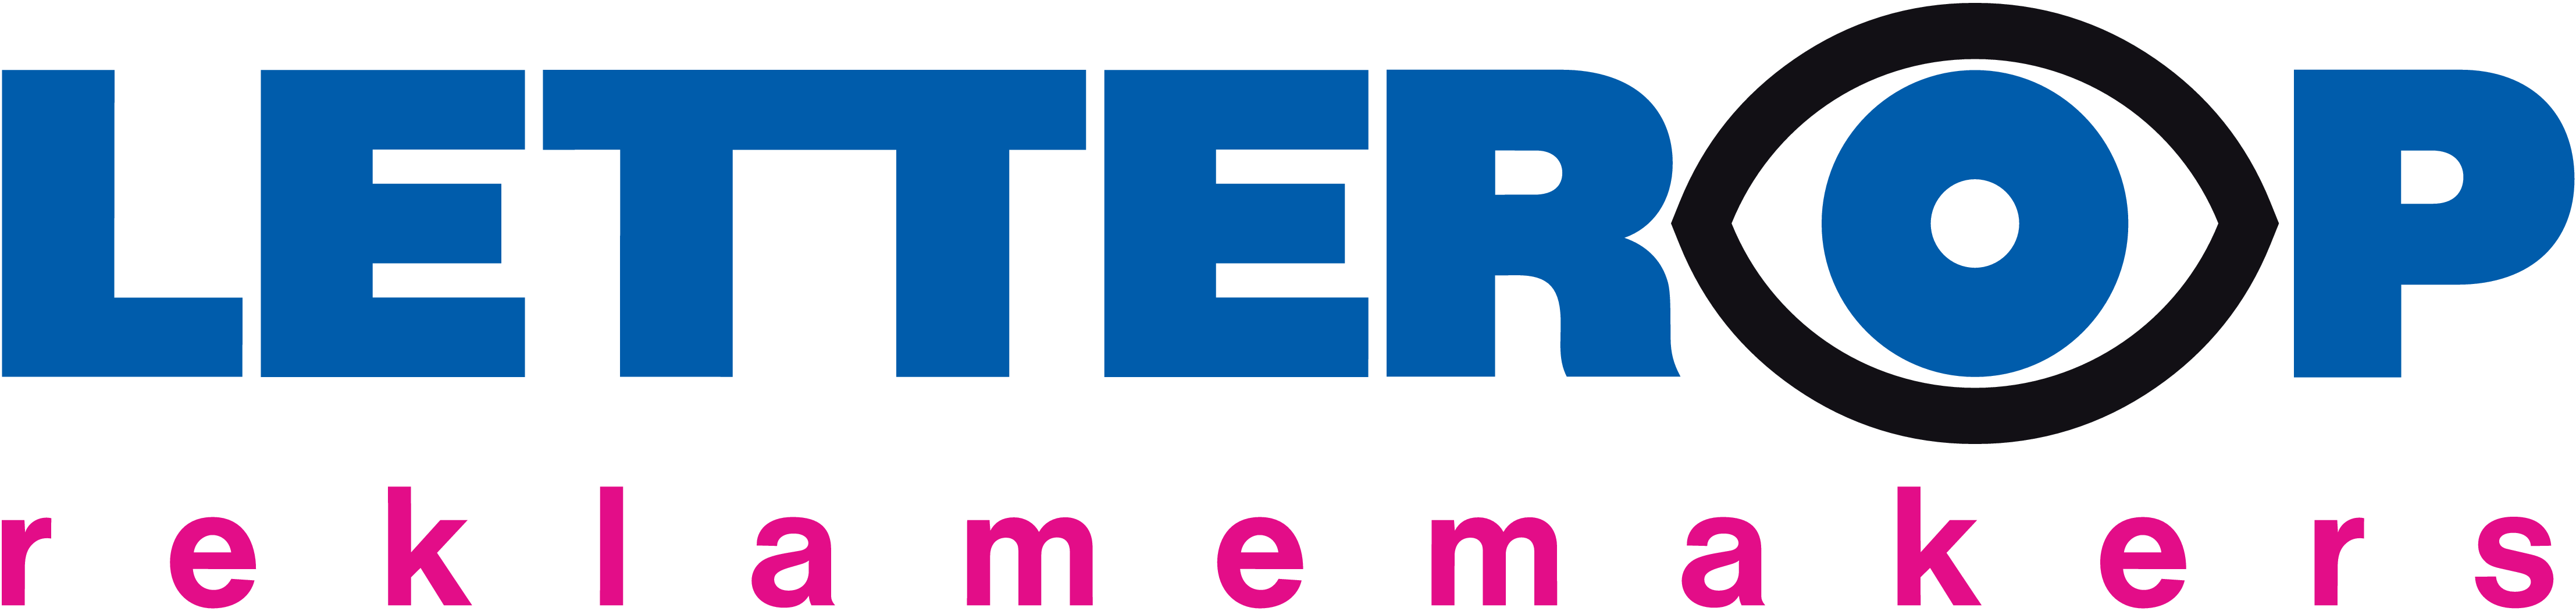 Letterop logo